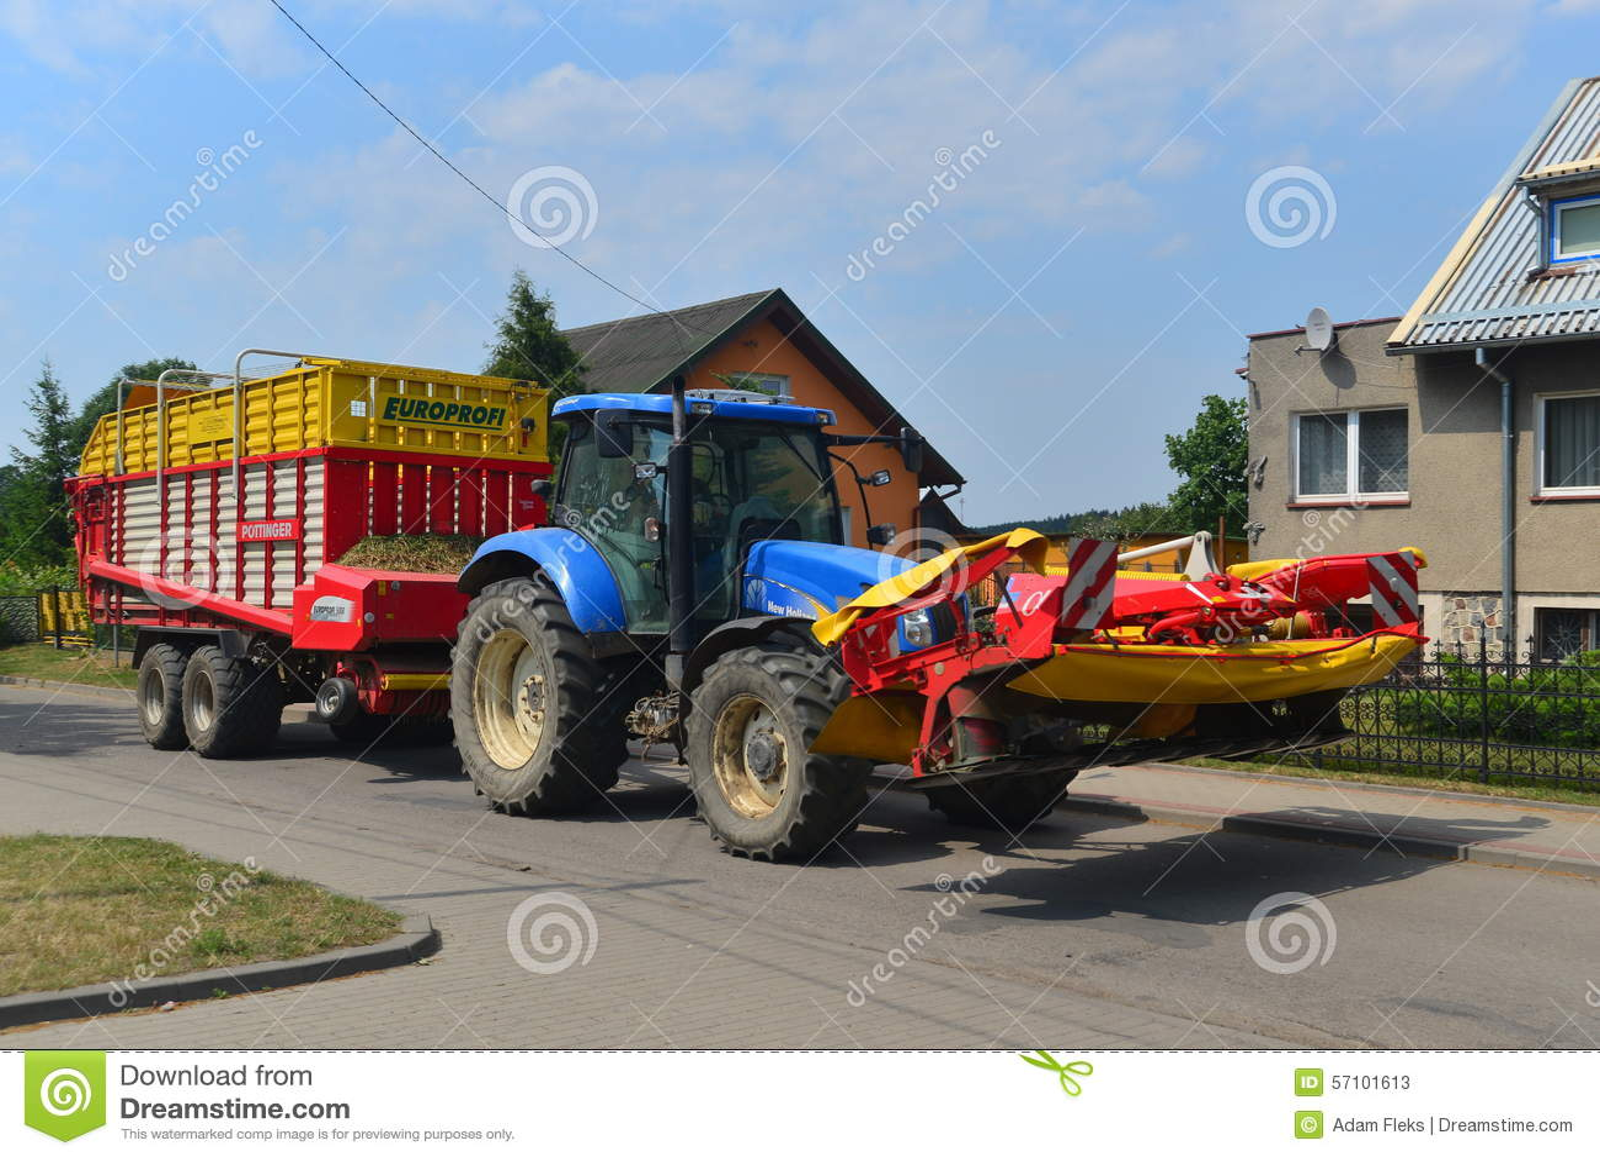 gro er traktor mit einem anh nger redaktionelles stockfoto bild von landwirtschaft nave 57101613. Black Bedroom Furniture Sets. Home Design Ideas